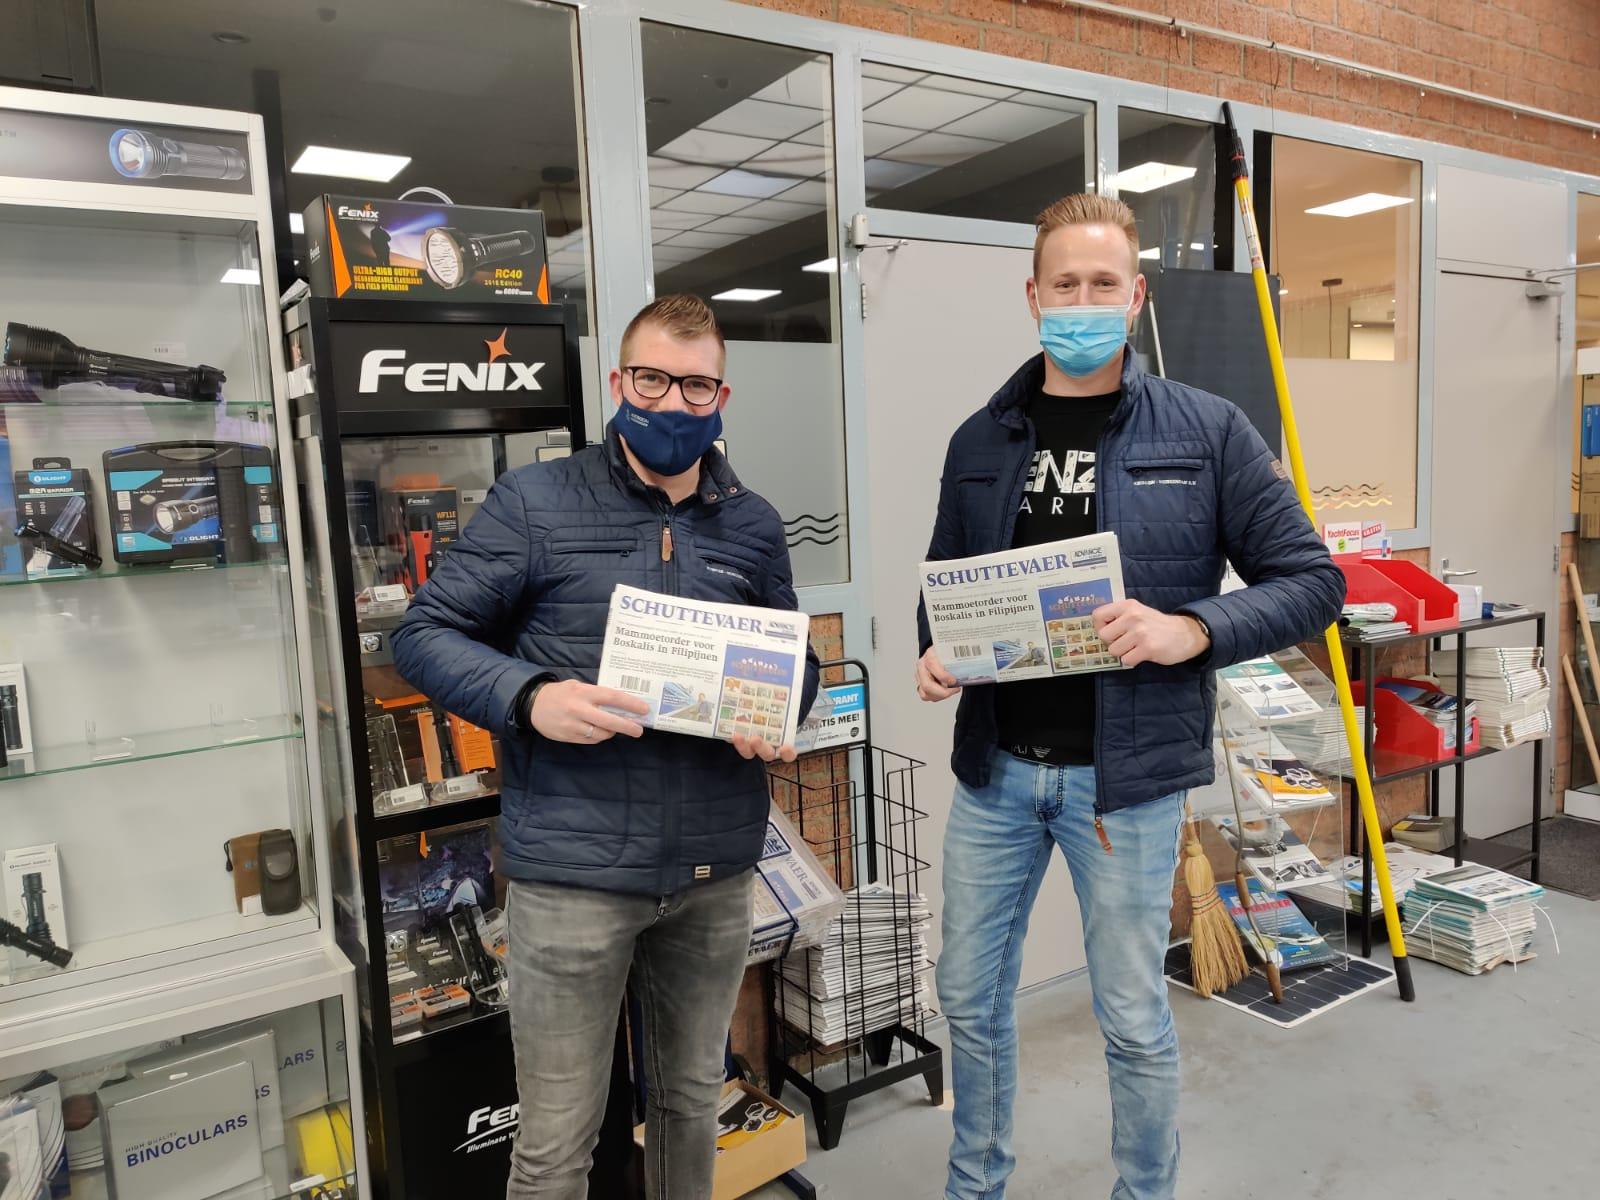 Bij de mannen van Kieboom-Werkendam, groothandel in scheepsonderdelen, mogen we ook een paar stapels kranten neerleggen.